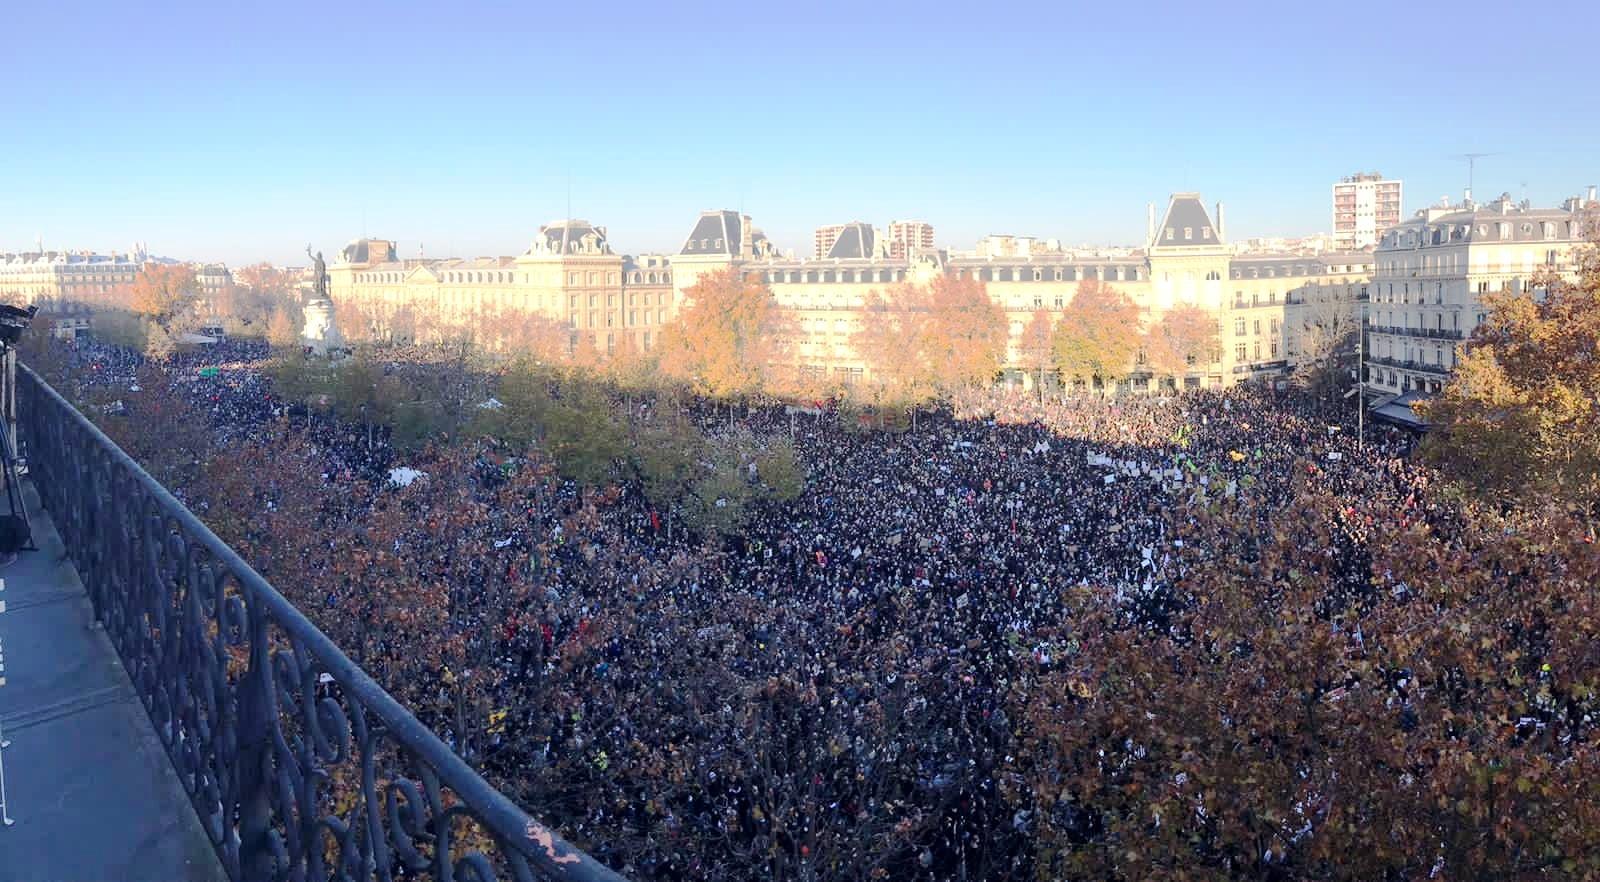 Υπερσυνωστισμός στο Παρίσι. Χιλιάδες άτομα γέμισαν τις πλατείες κατά του νόμου Ολοκληρωτικής Ασφάλειας.